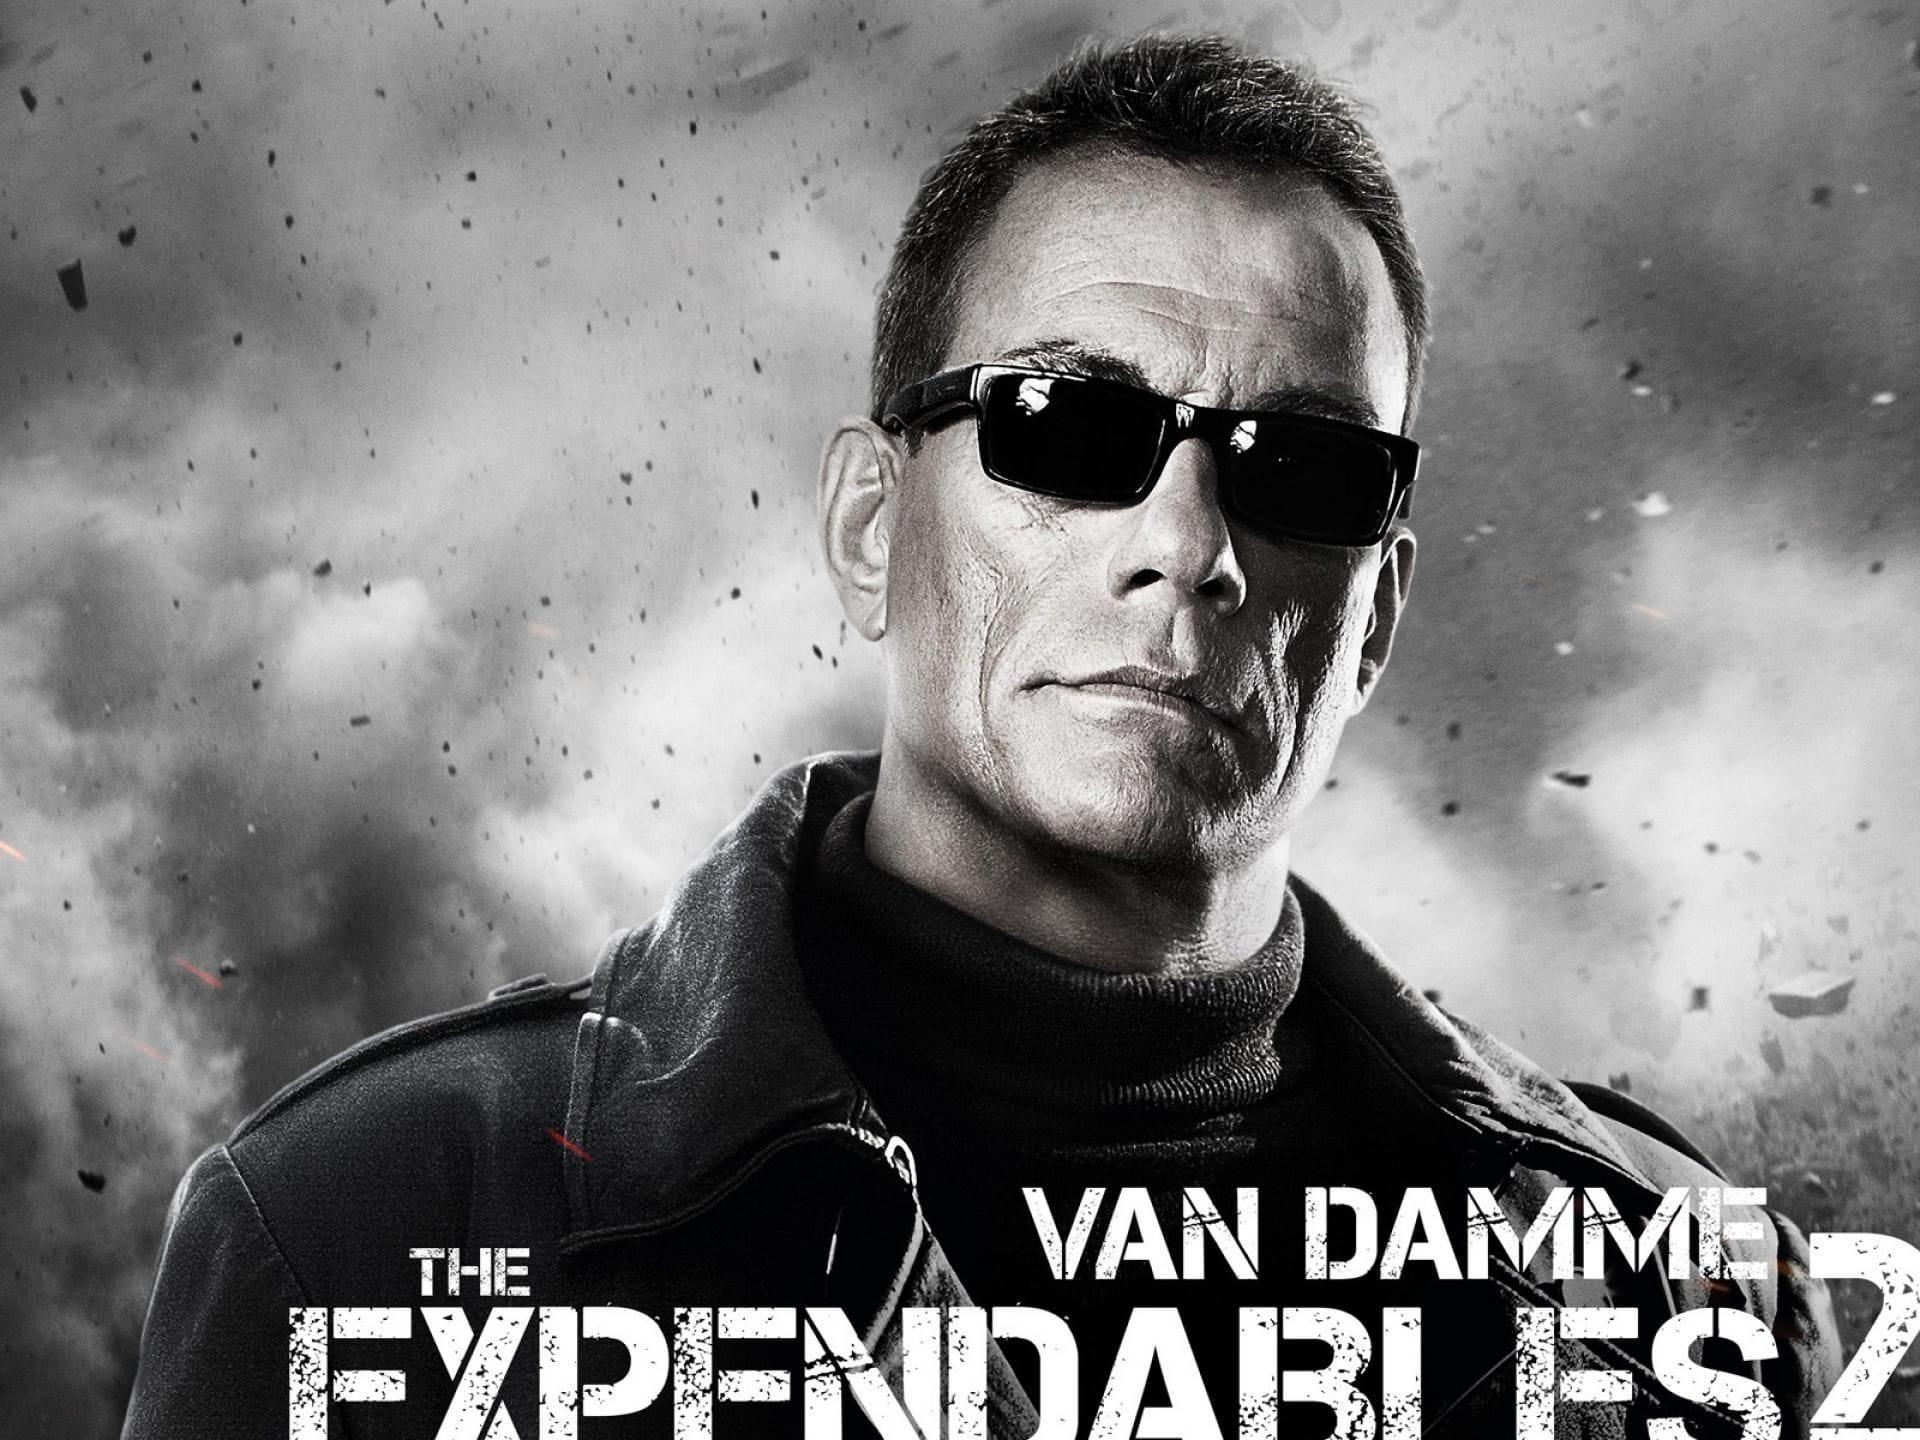 Jean Claude Van Damme Quality desktop